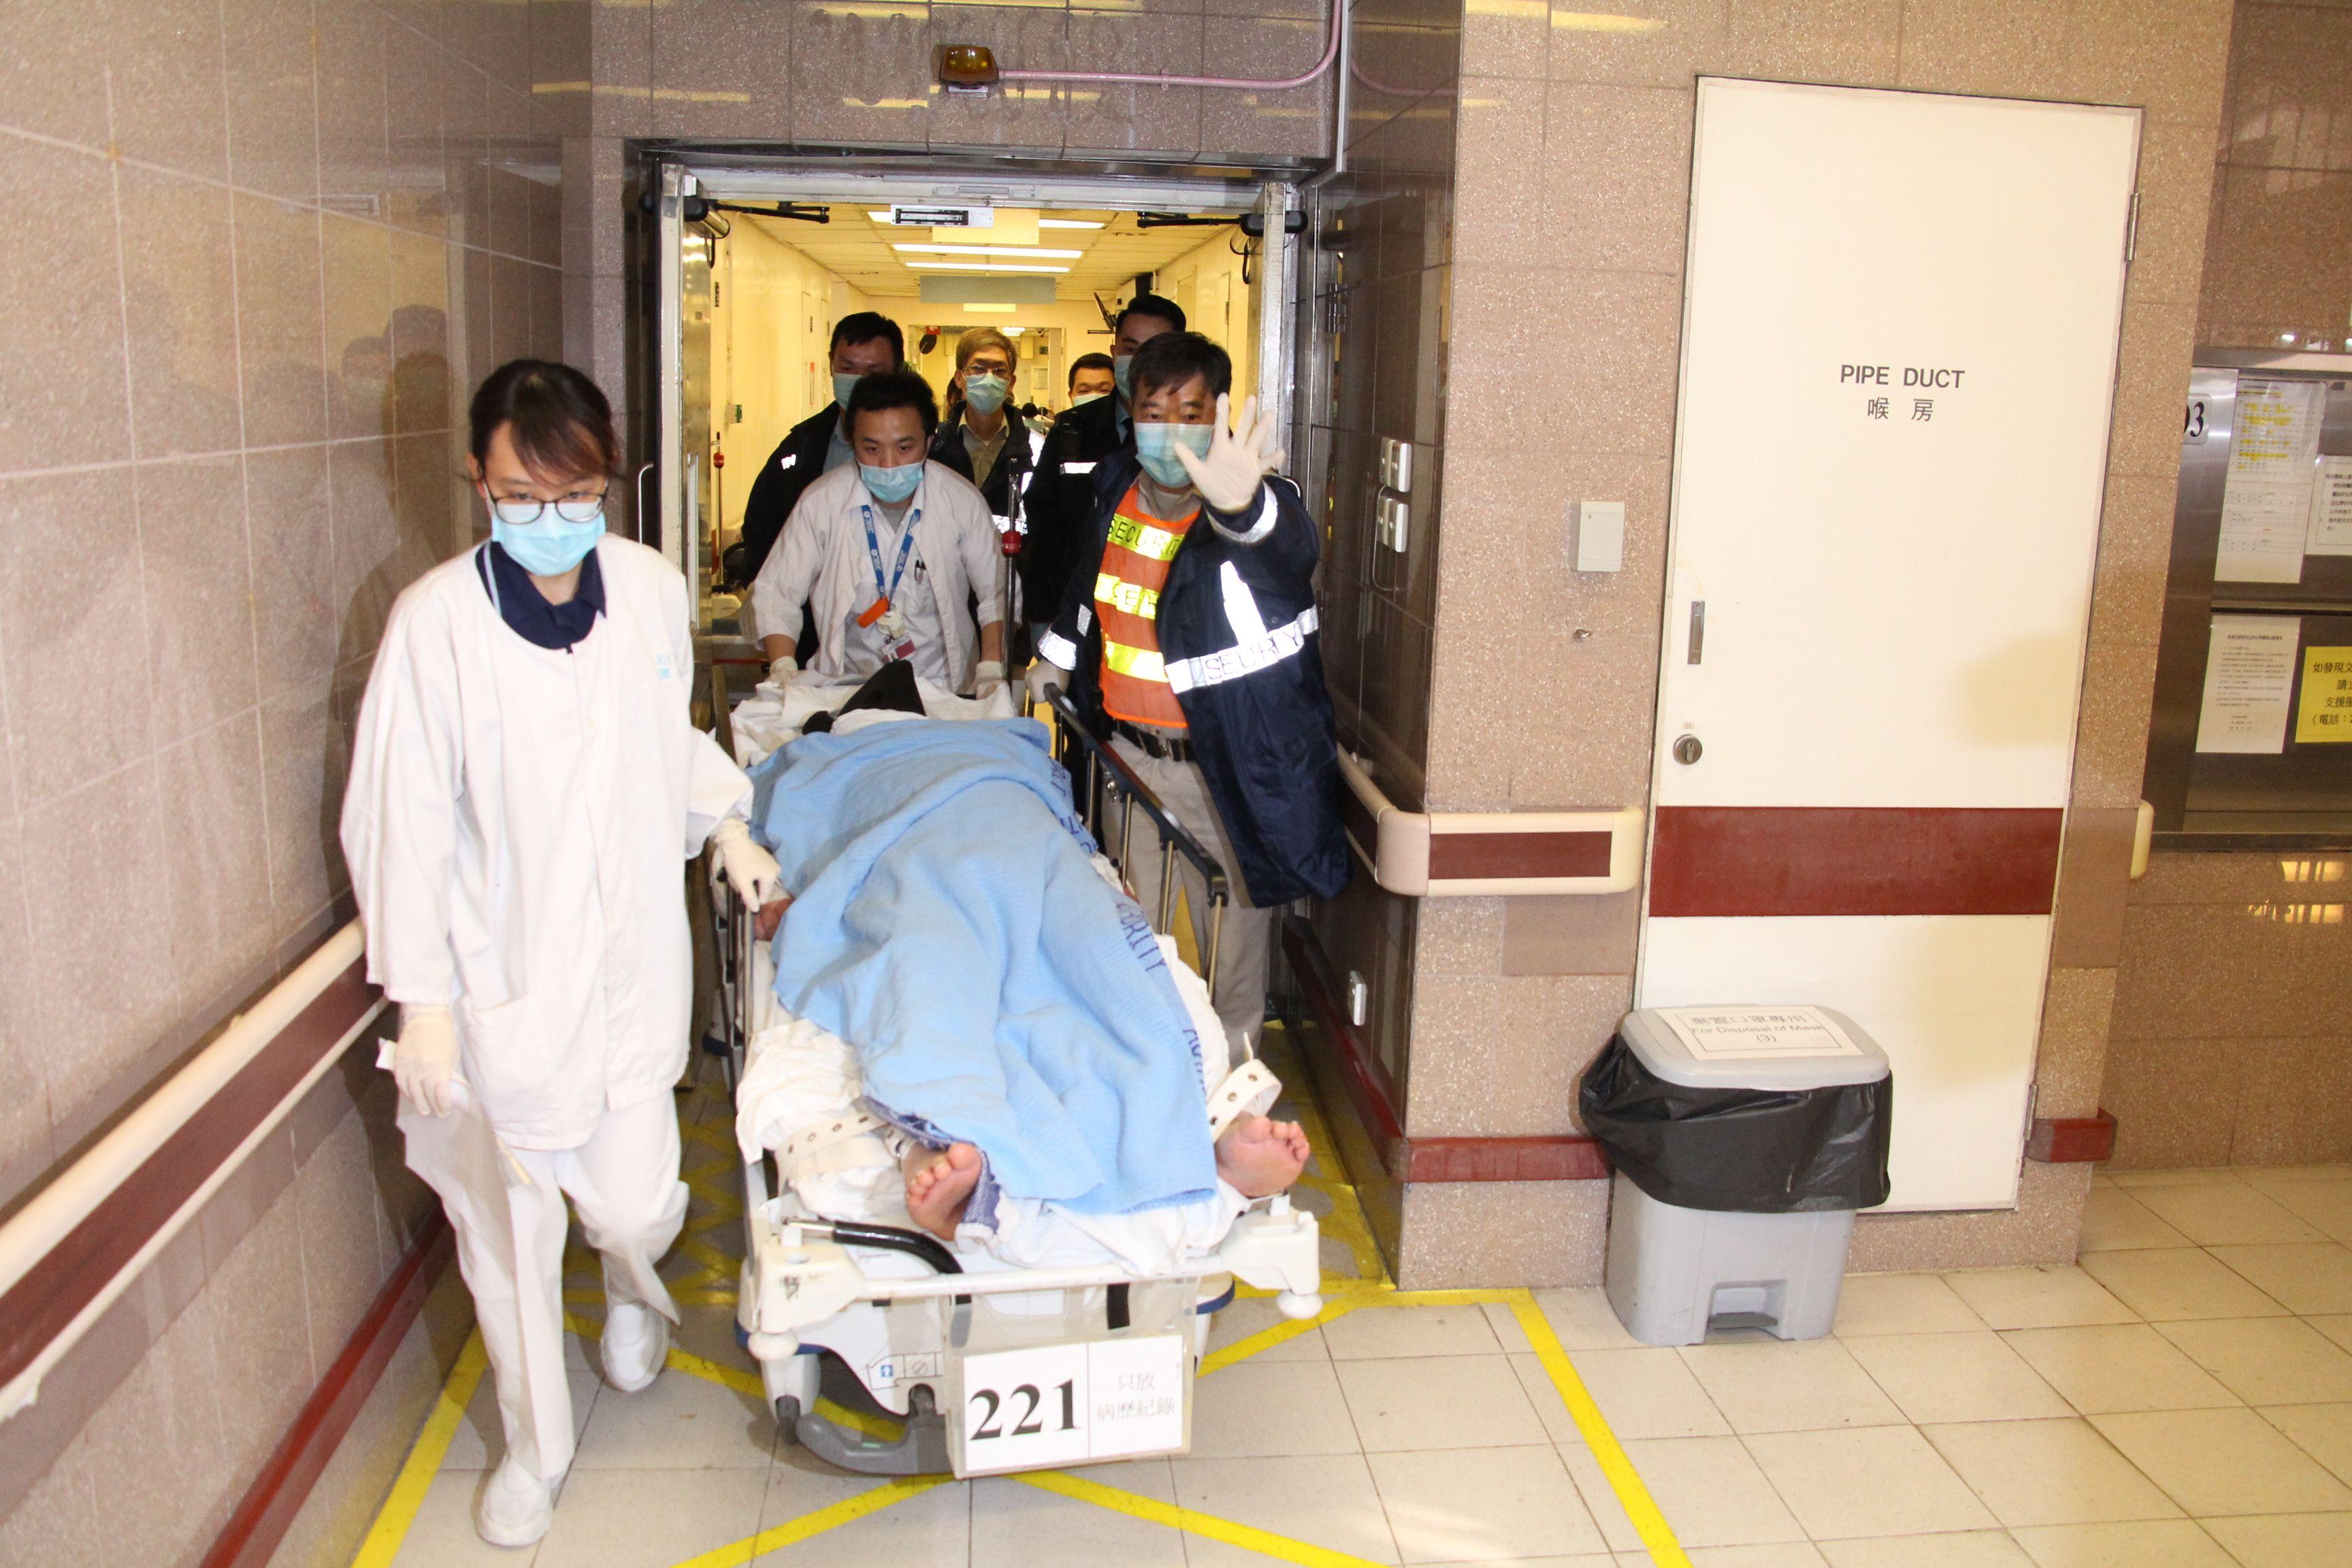 نقل ضحايا جريمة قتل لمستشفى فى هونج كونج